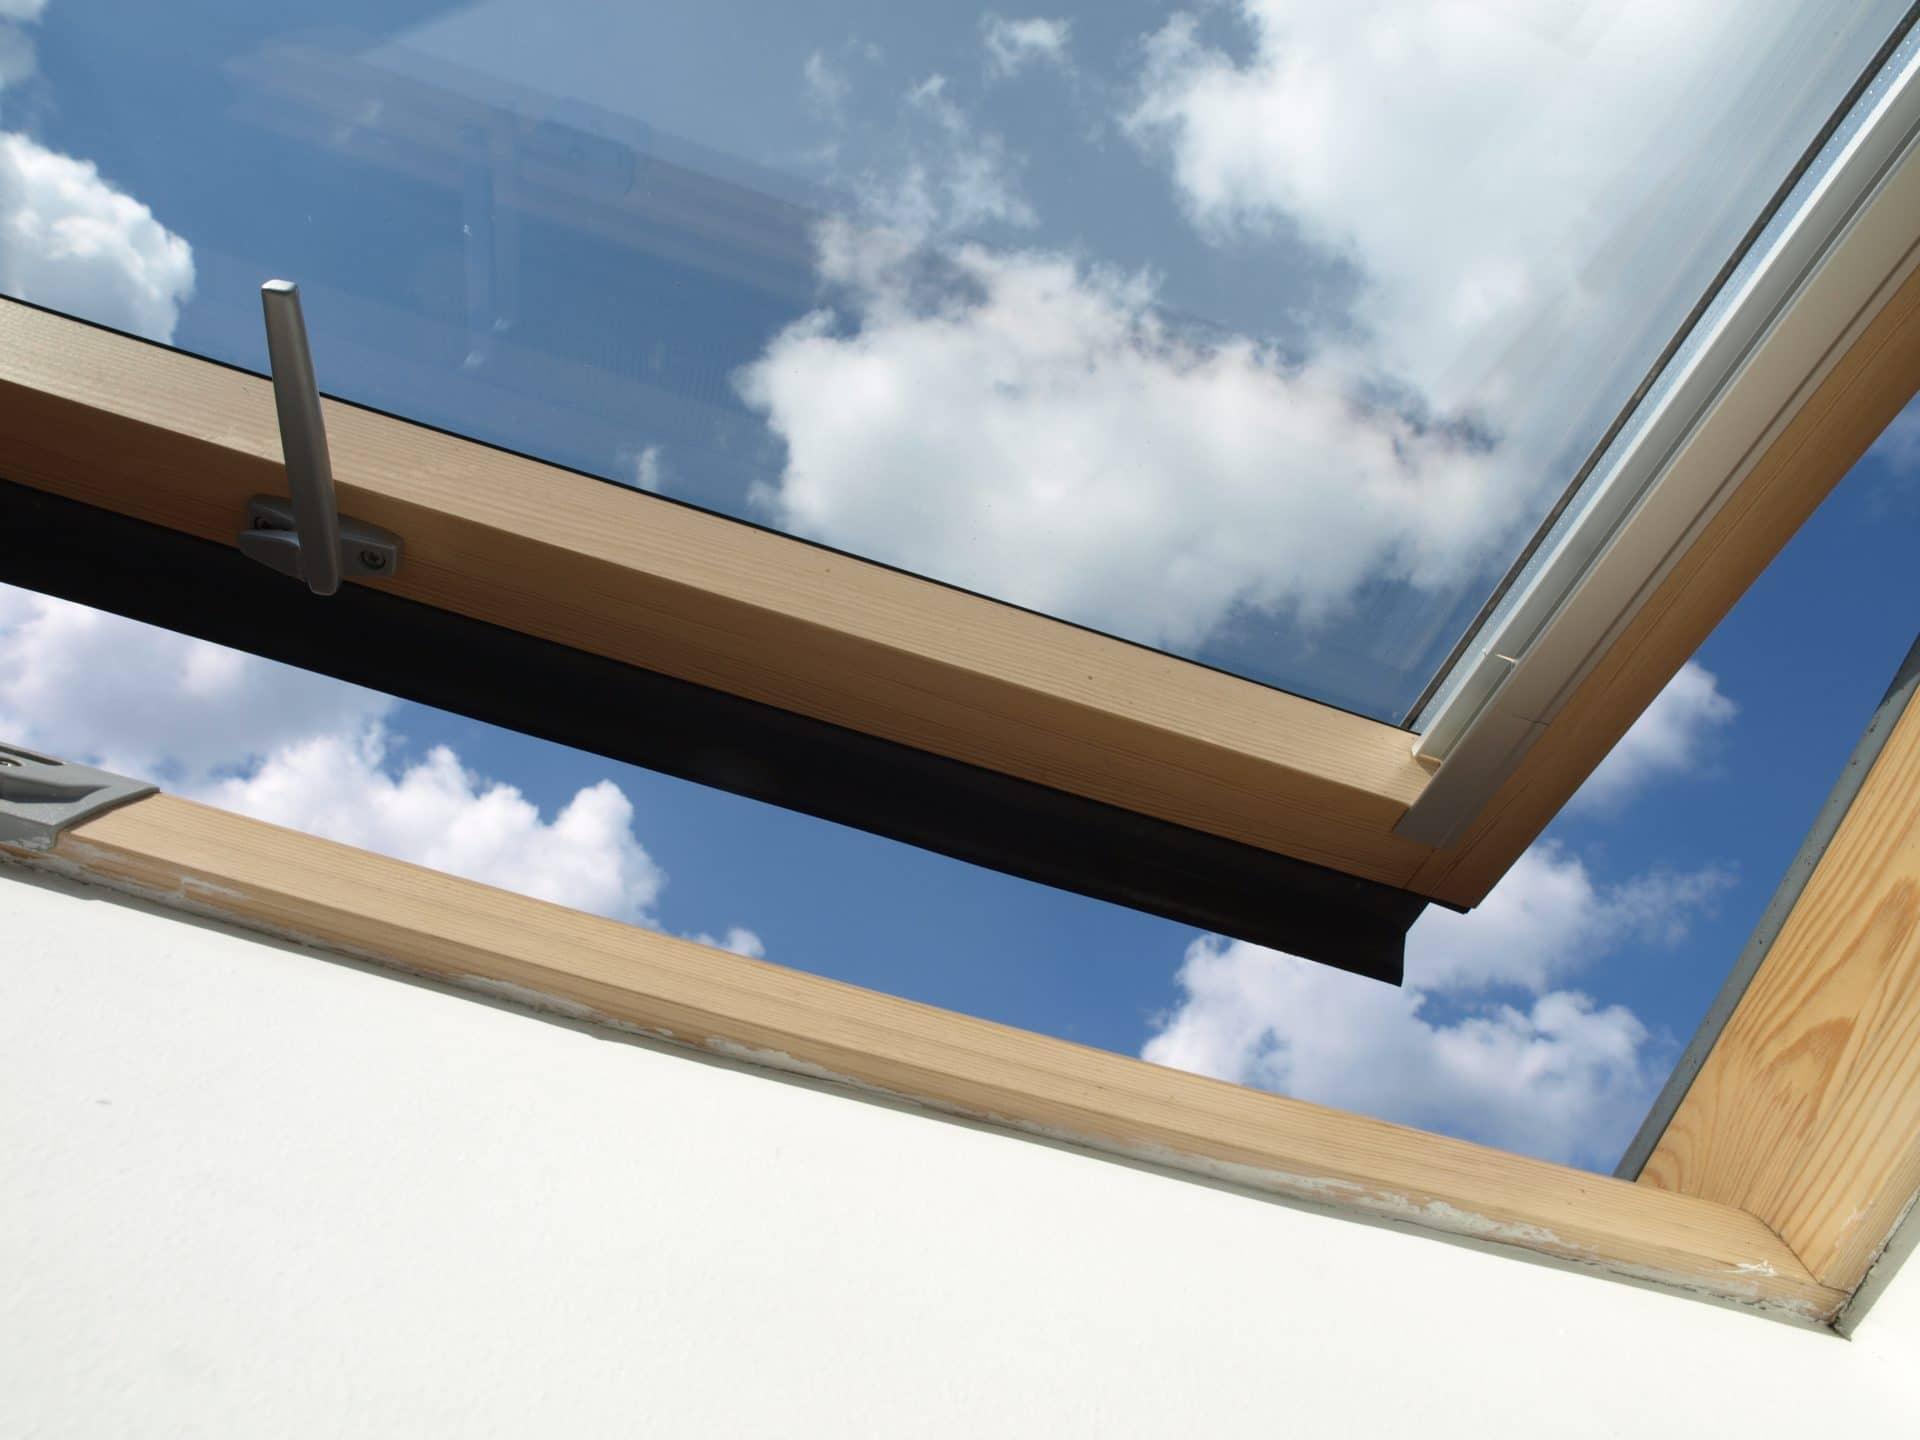 Fenêtre de toit : permis de construire ou pas ?